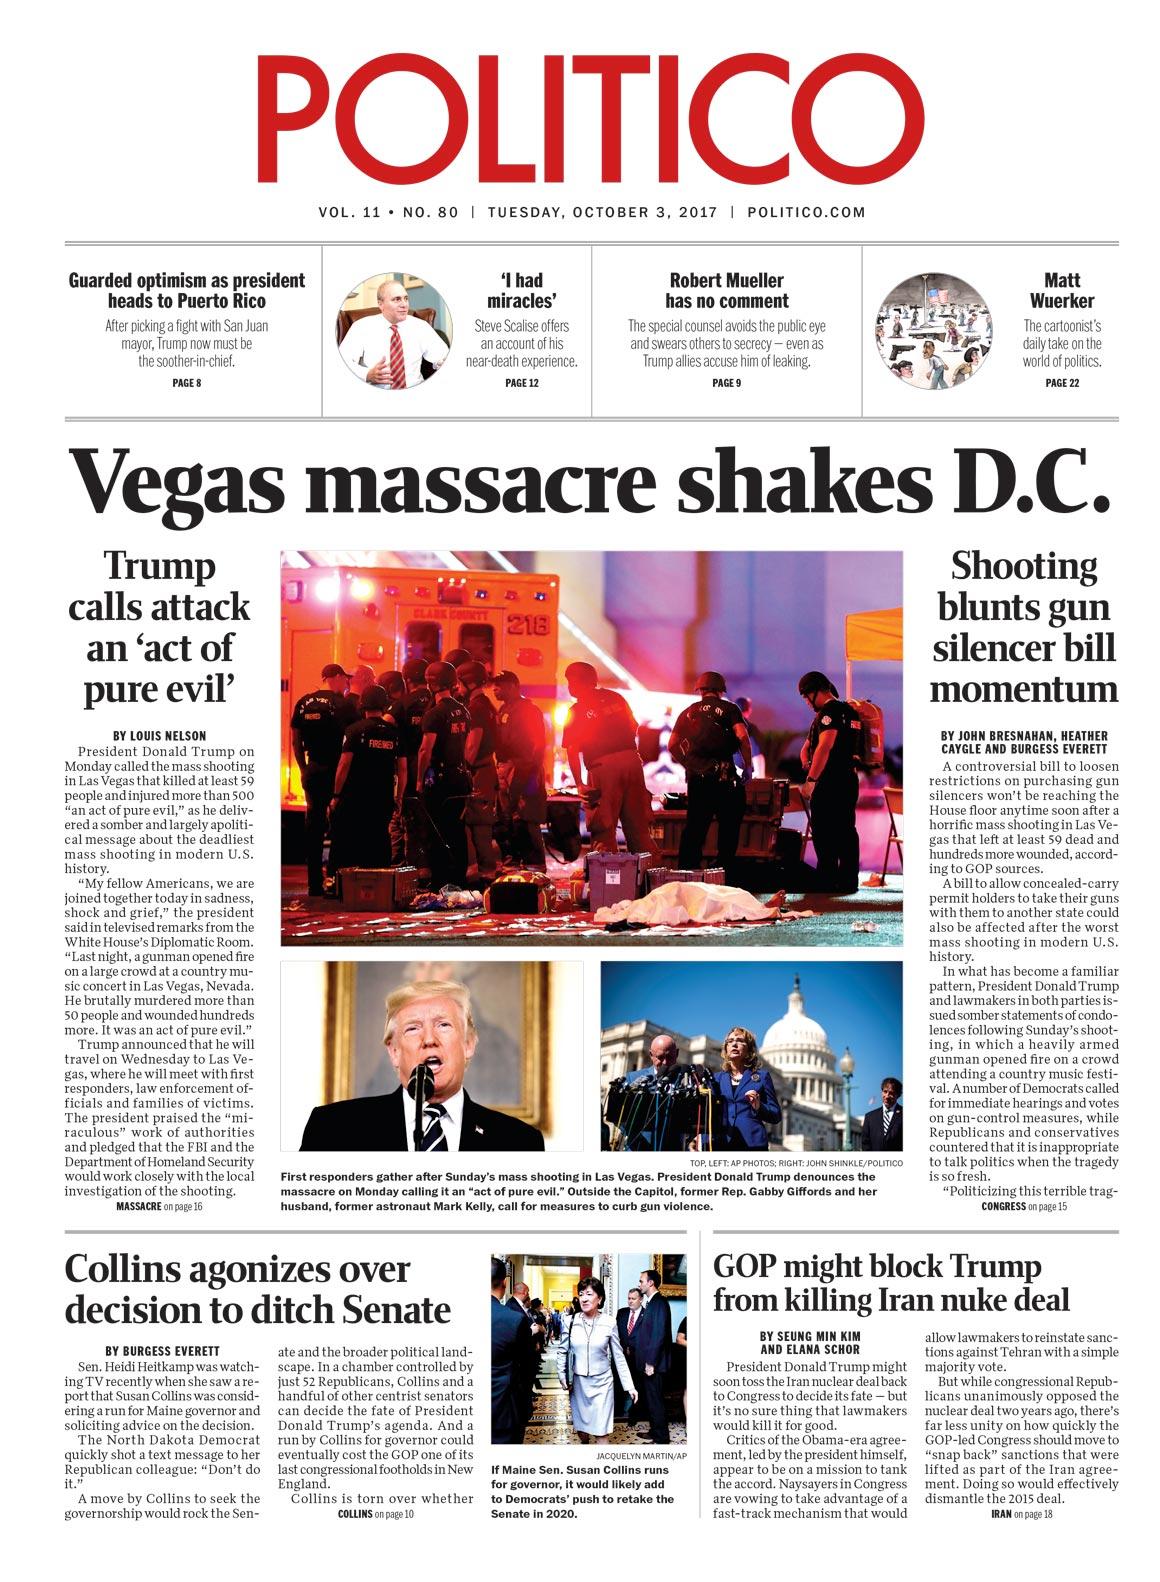 Vegas massacre shakes D.C.